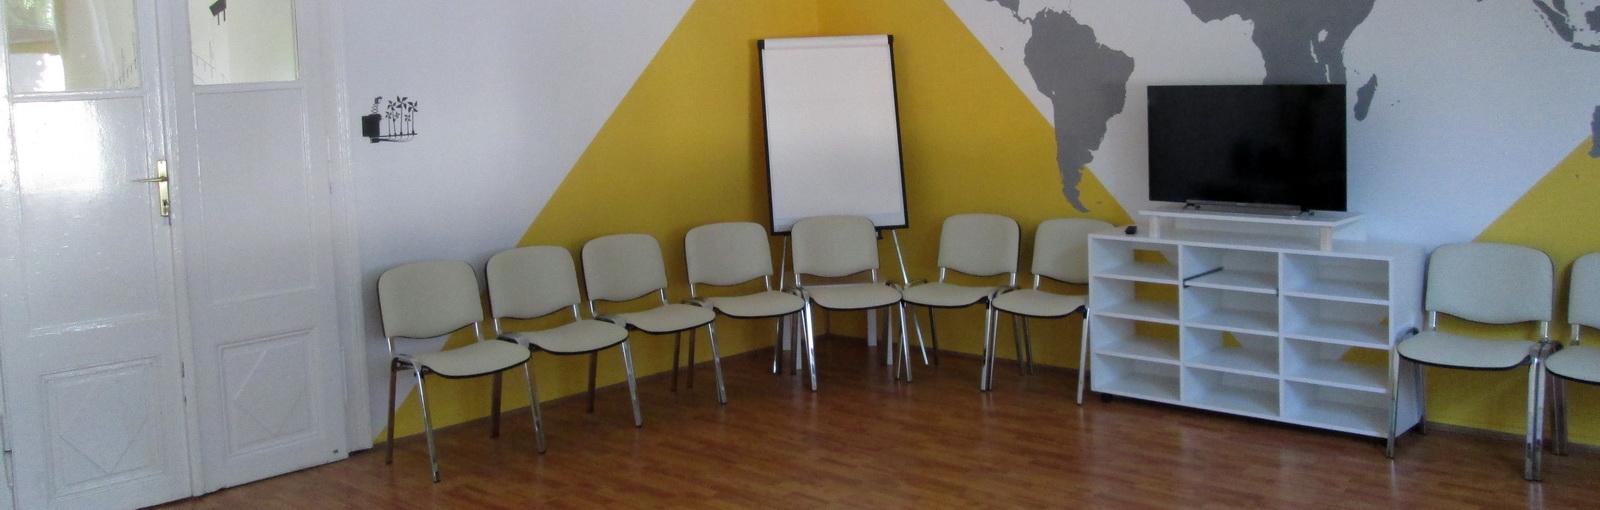 Kor-társ, a tréning szoba